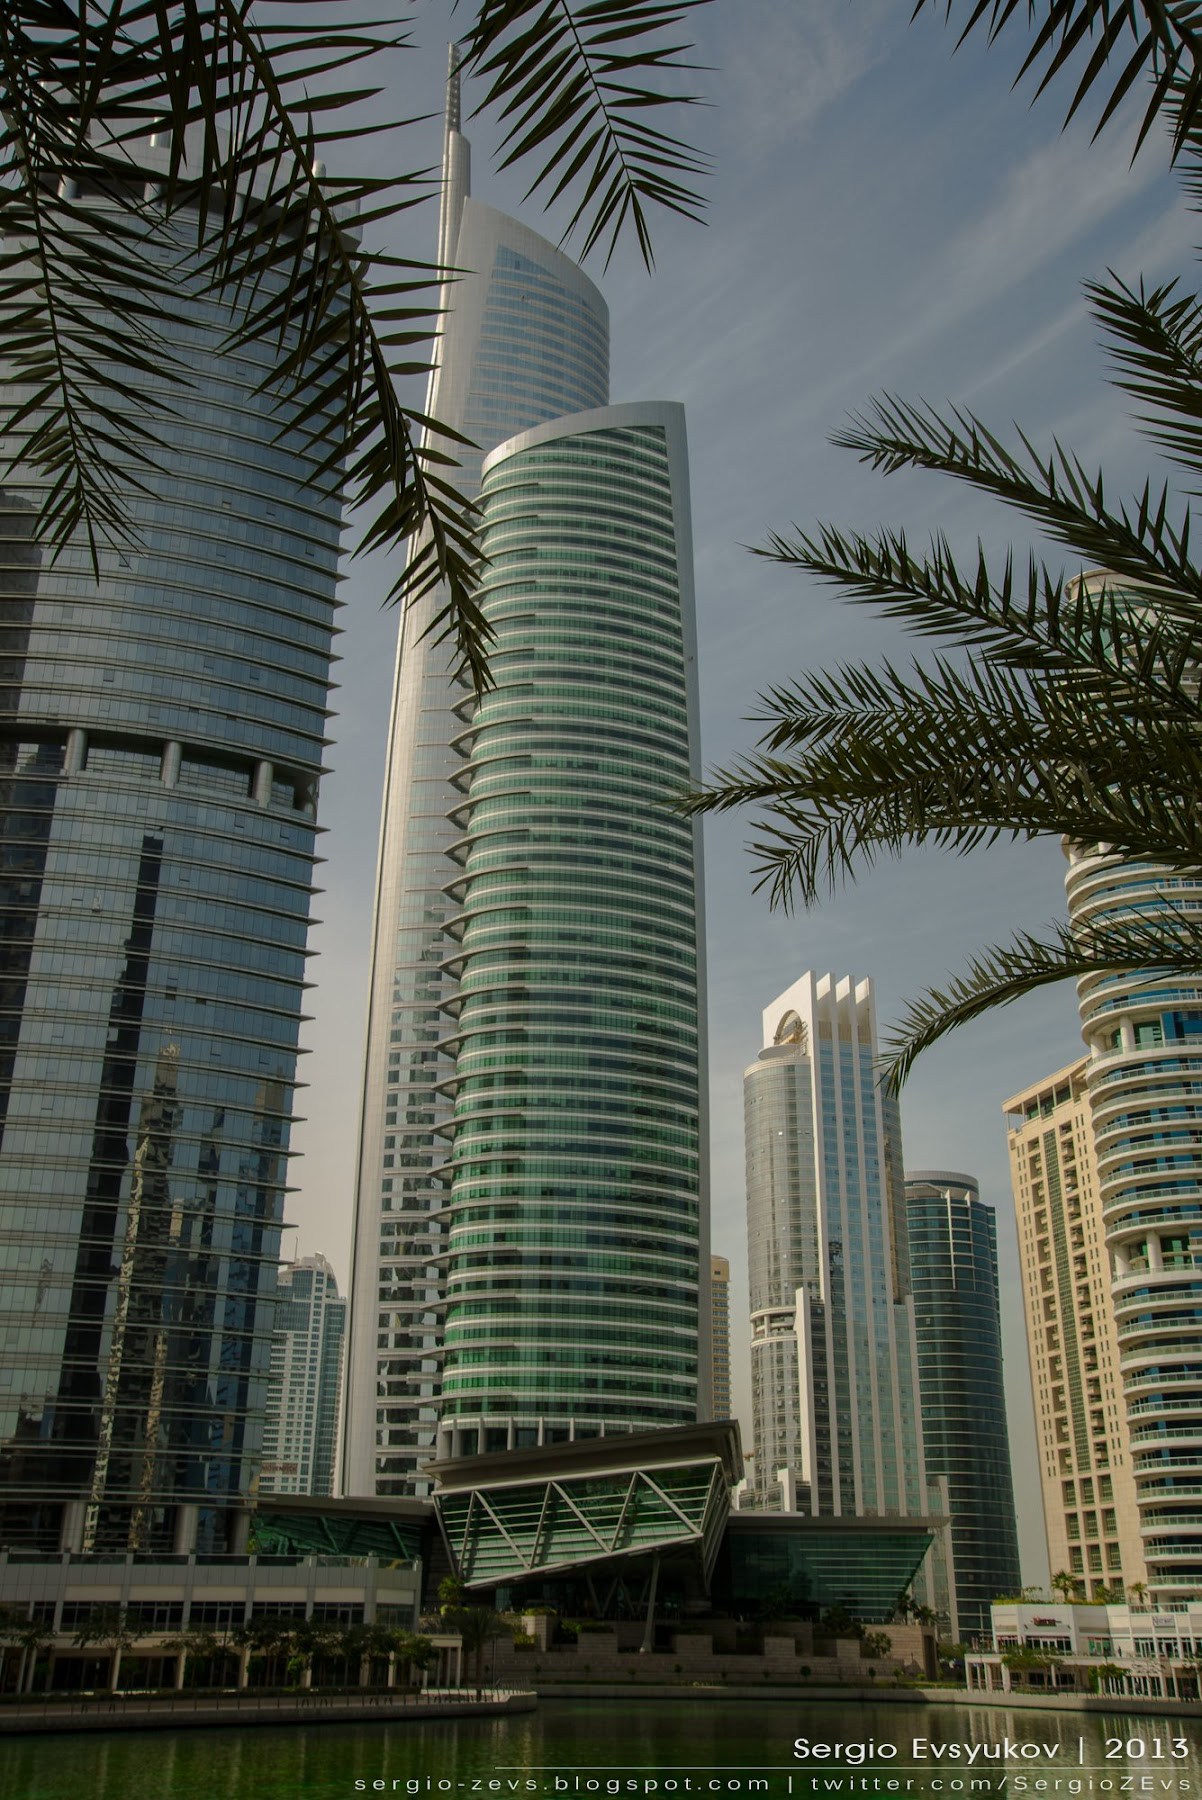 Пальмы, Jumeirah Lakes Towers, Dubailand